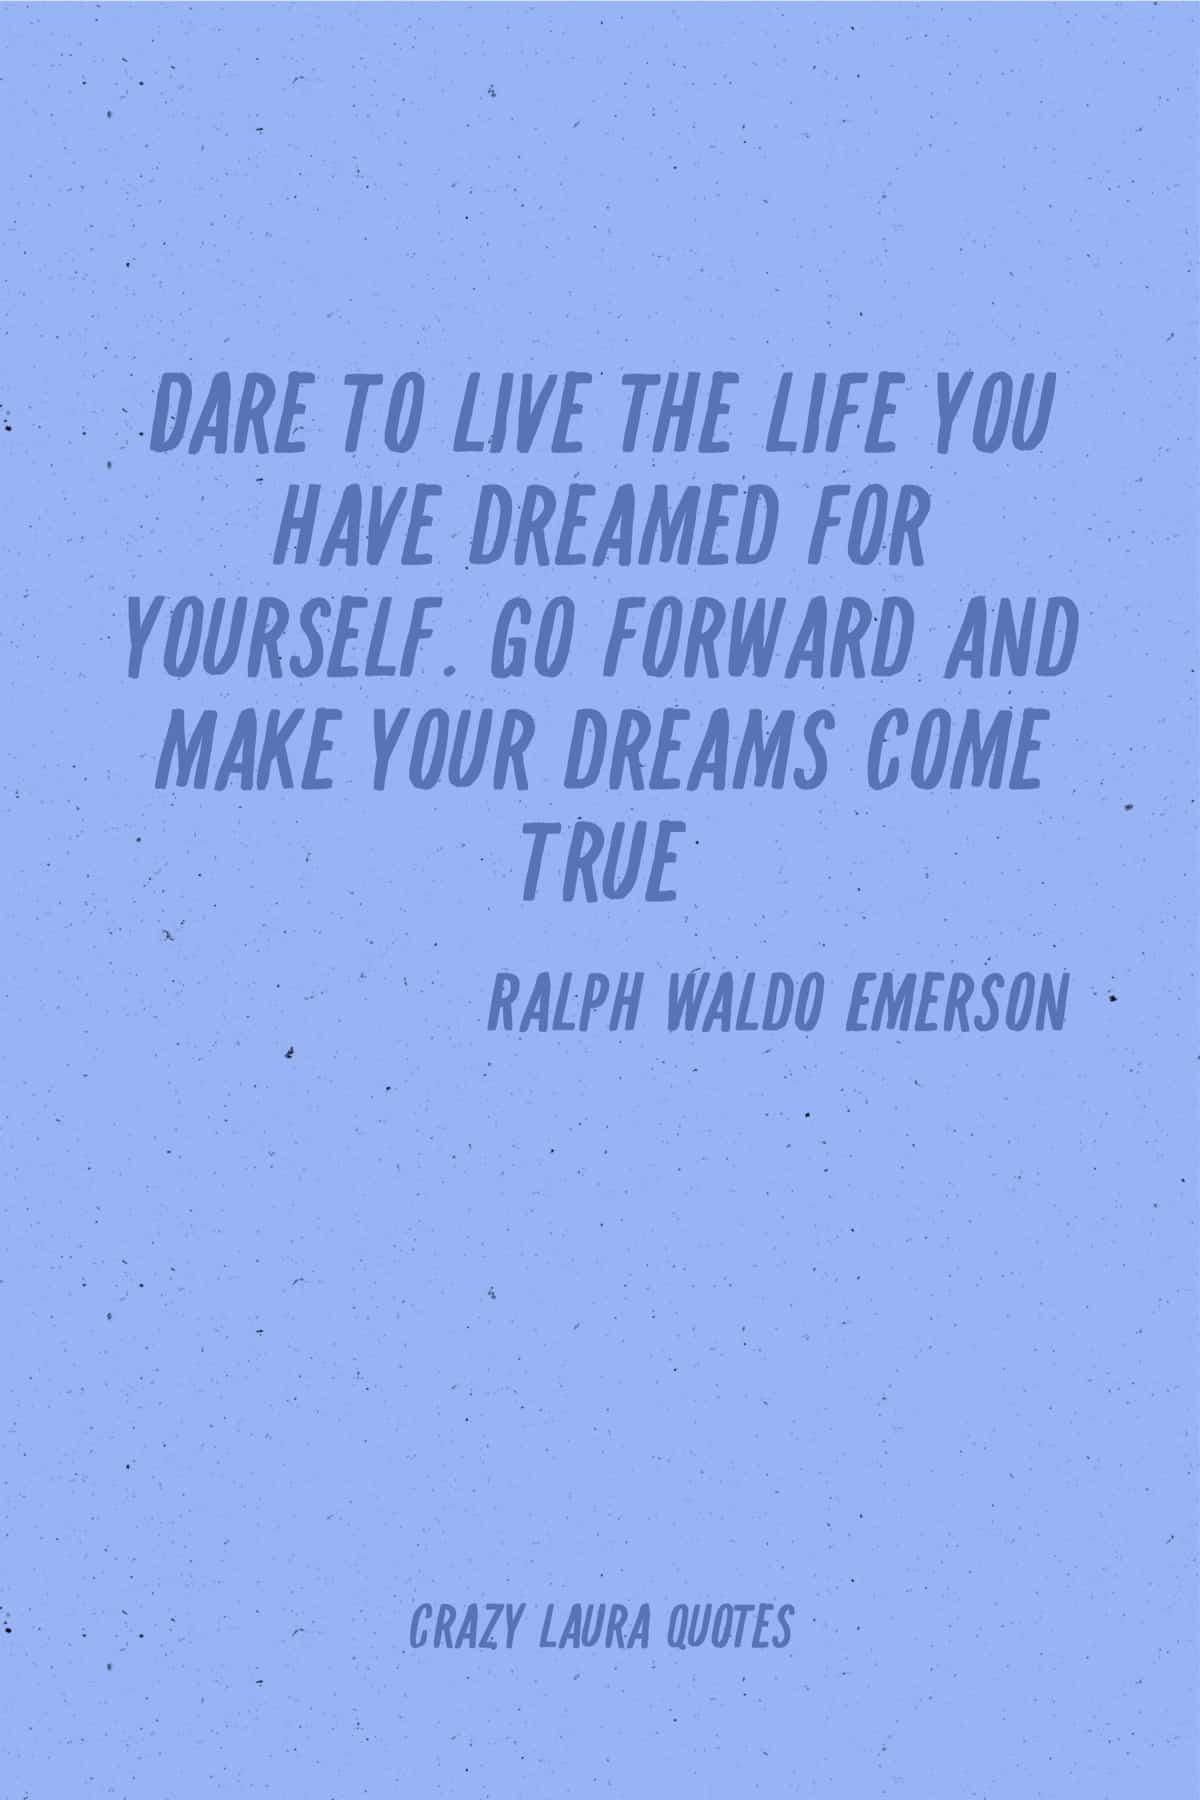 make your dreams come true inspo saying